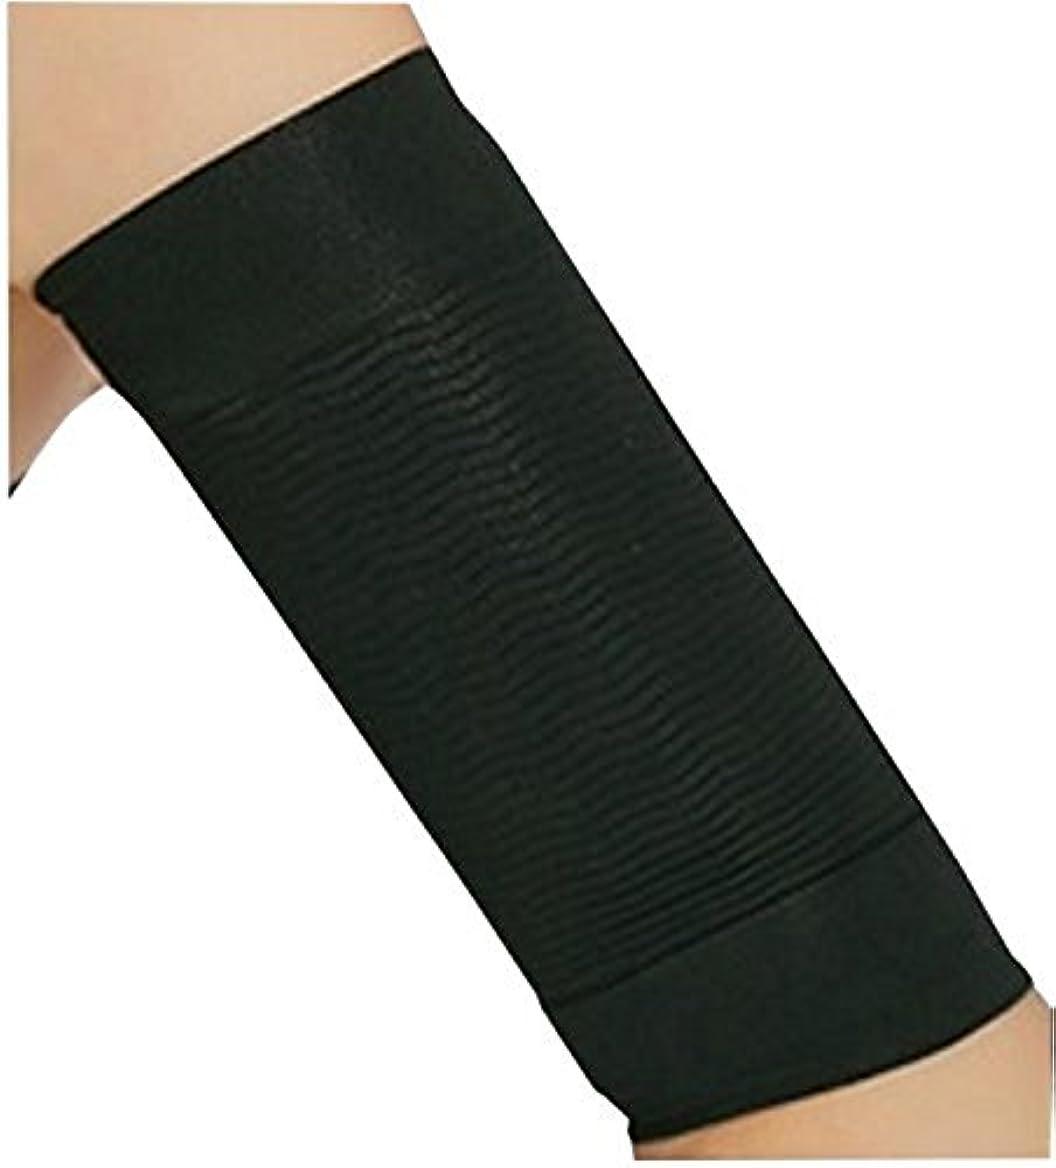 離すブリーフケース手荷物CREPUSCOLO 二の腕引き締め! 二の腕シェイパー 二の腕 引き締め 二の腕痩せ ダイエット 二の腕ダイエット インナー シェイプアップ 脂肪燃焼 セルライト 加圧下着 (ブラック)